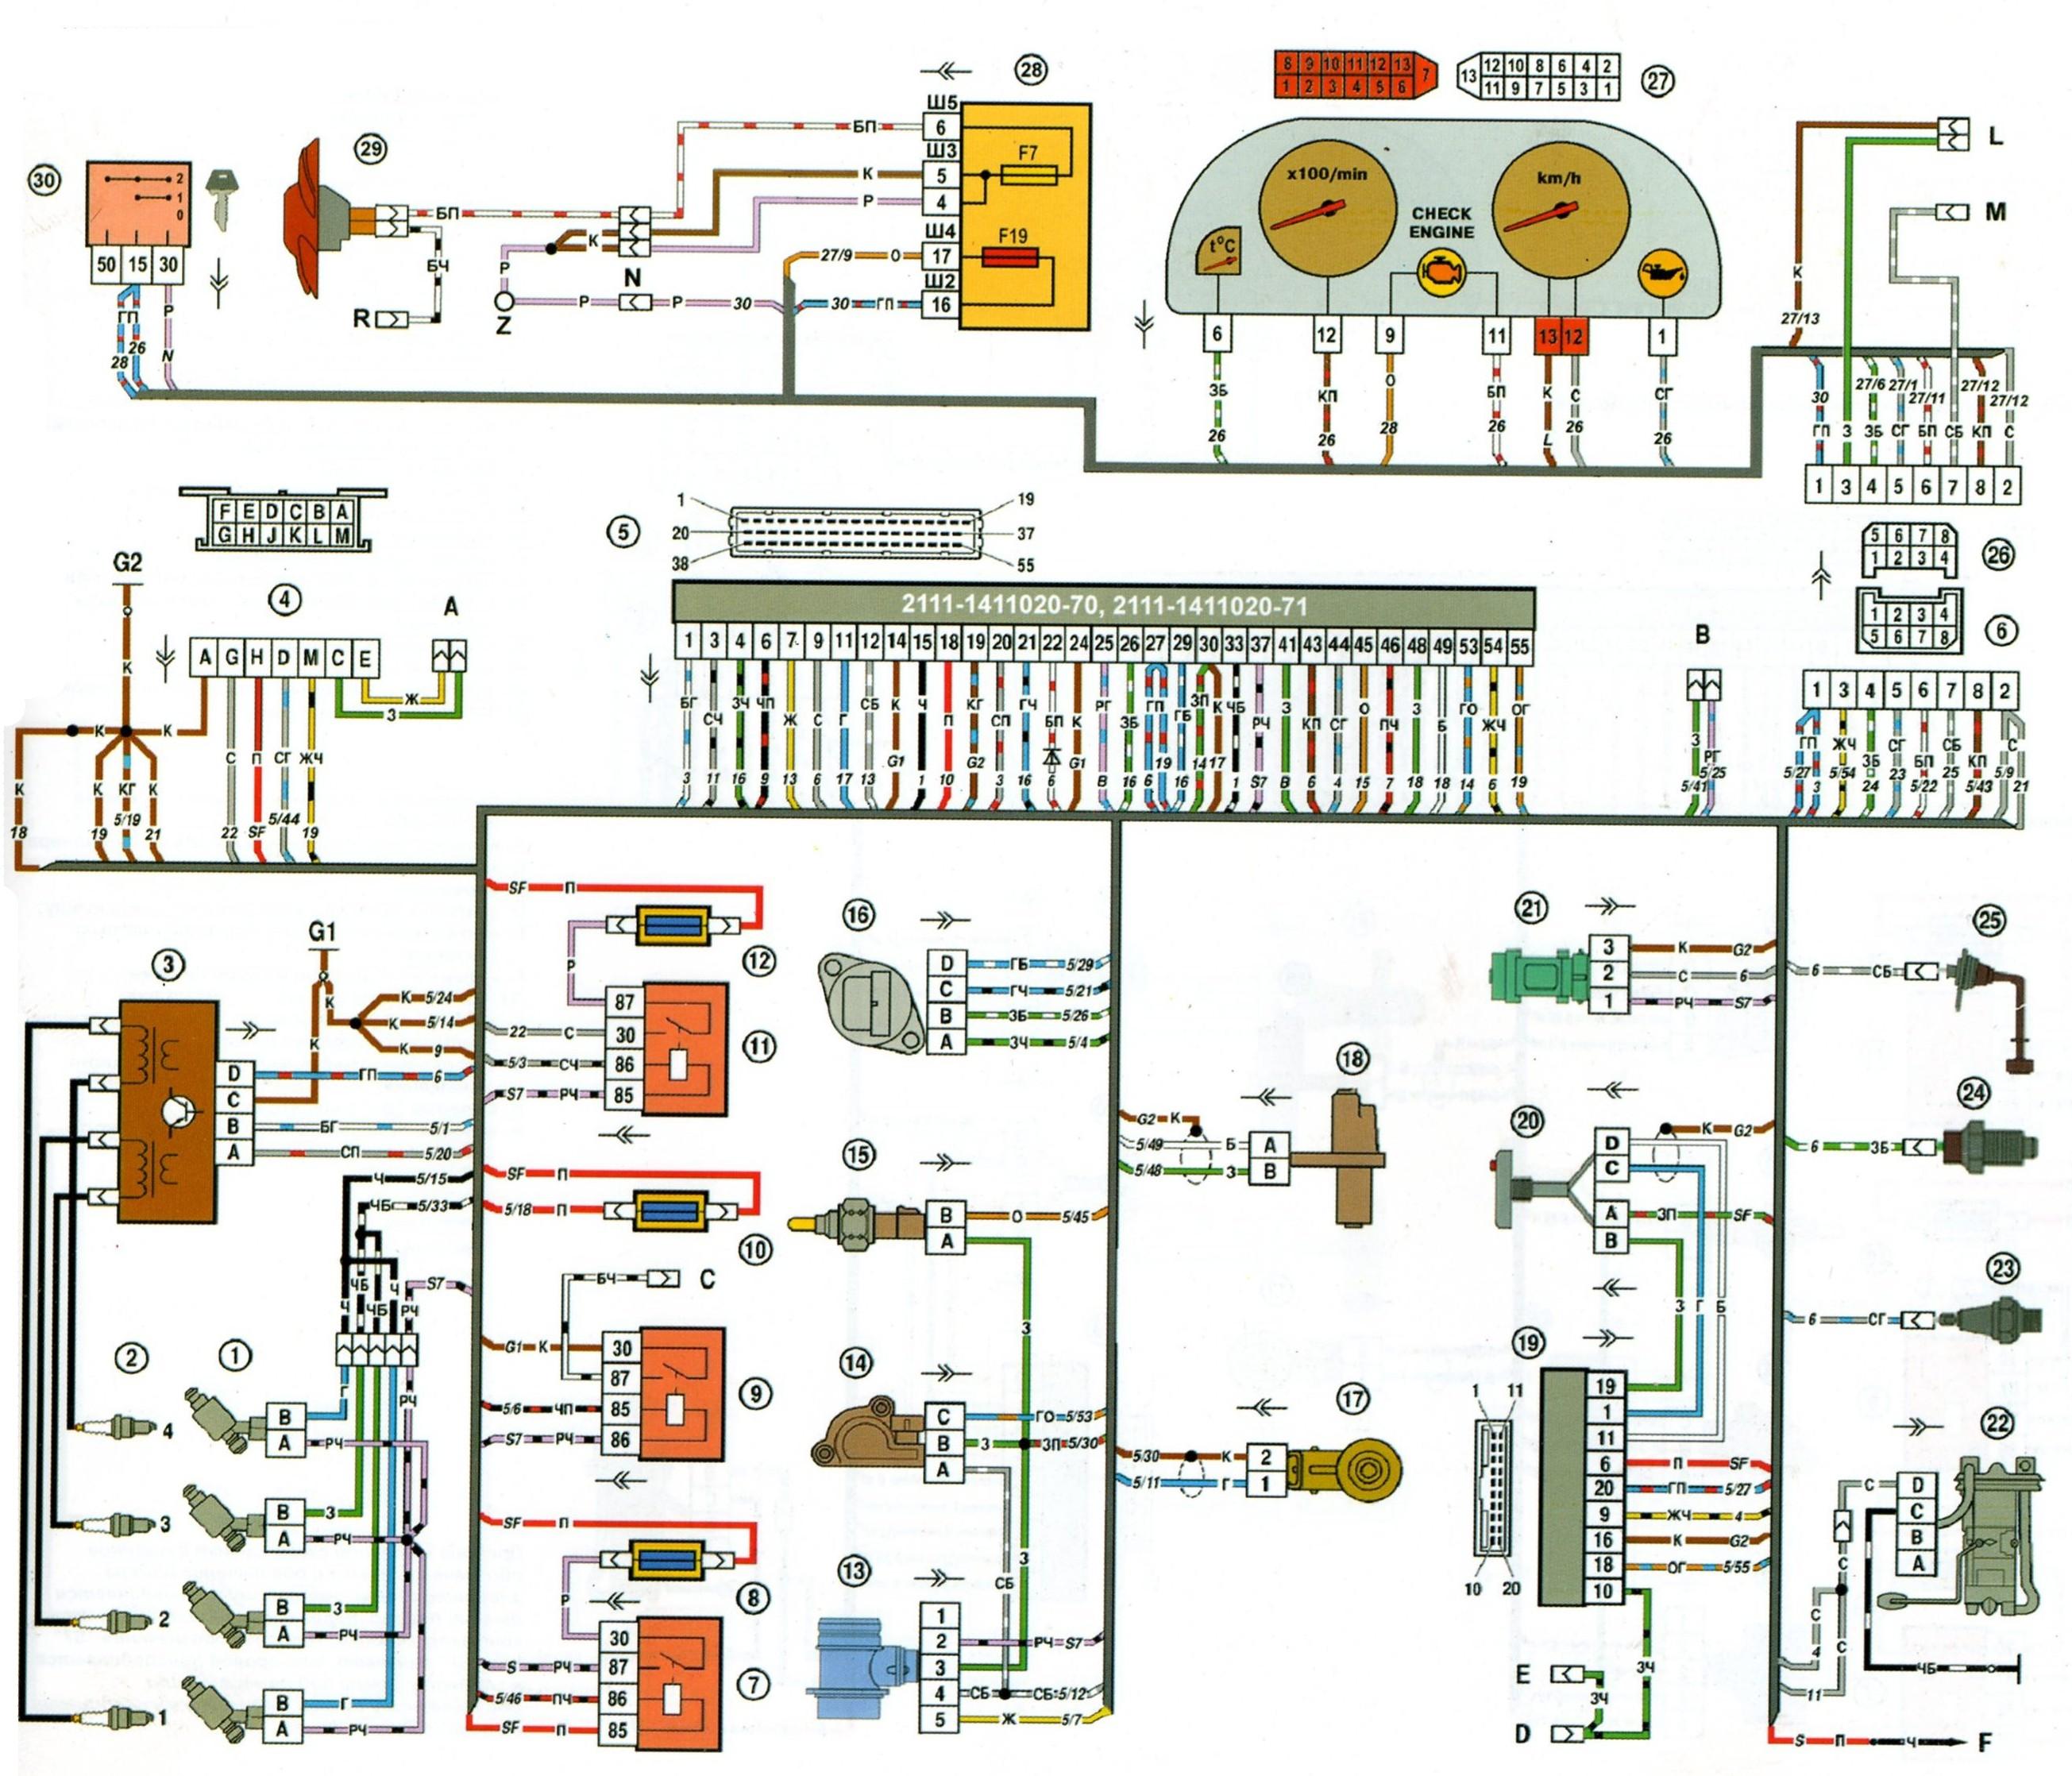 Вот схемка января 5 для 2110 и схема проводки с низкой панелью.